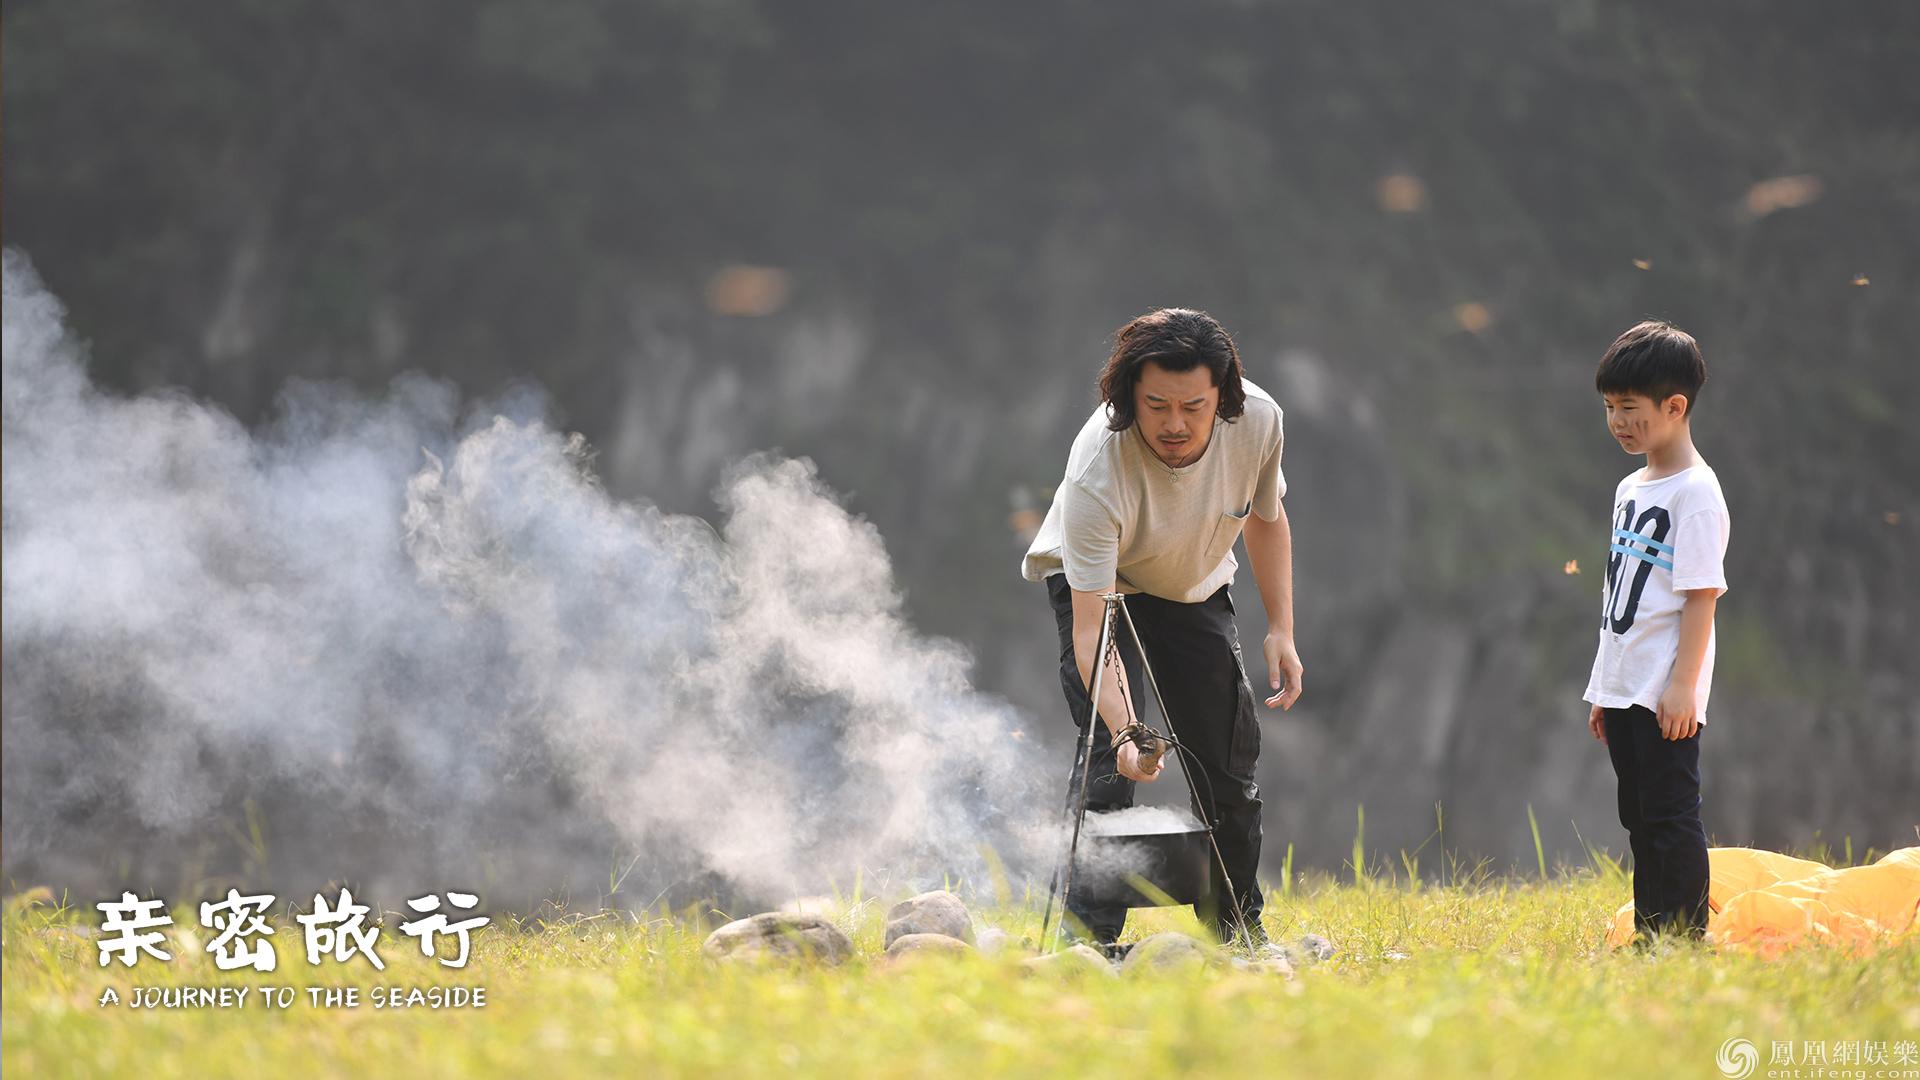 沙溢导演处女作首曝剧照 《亲密旅行》有望国庆上映